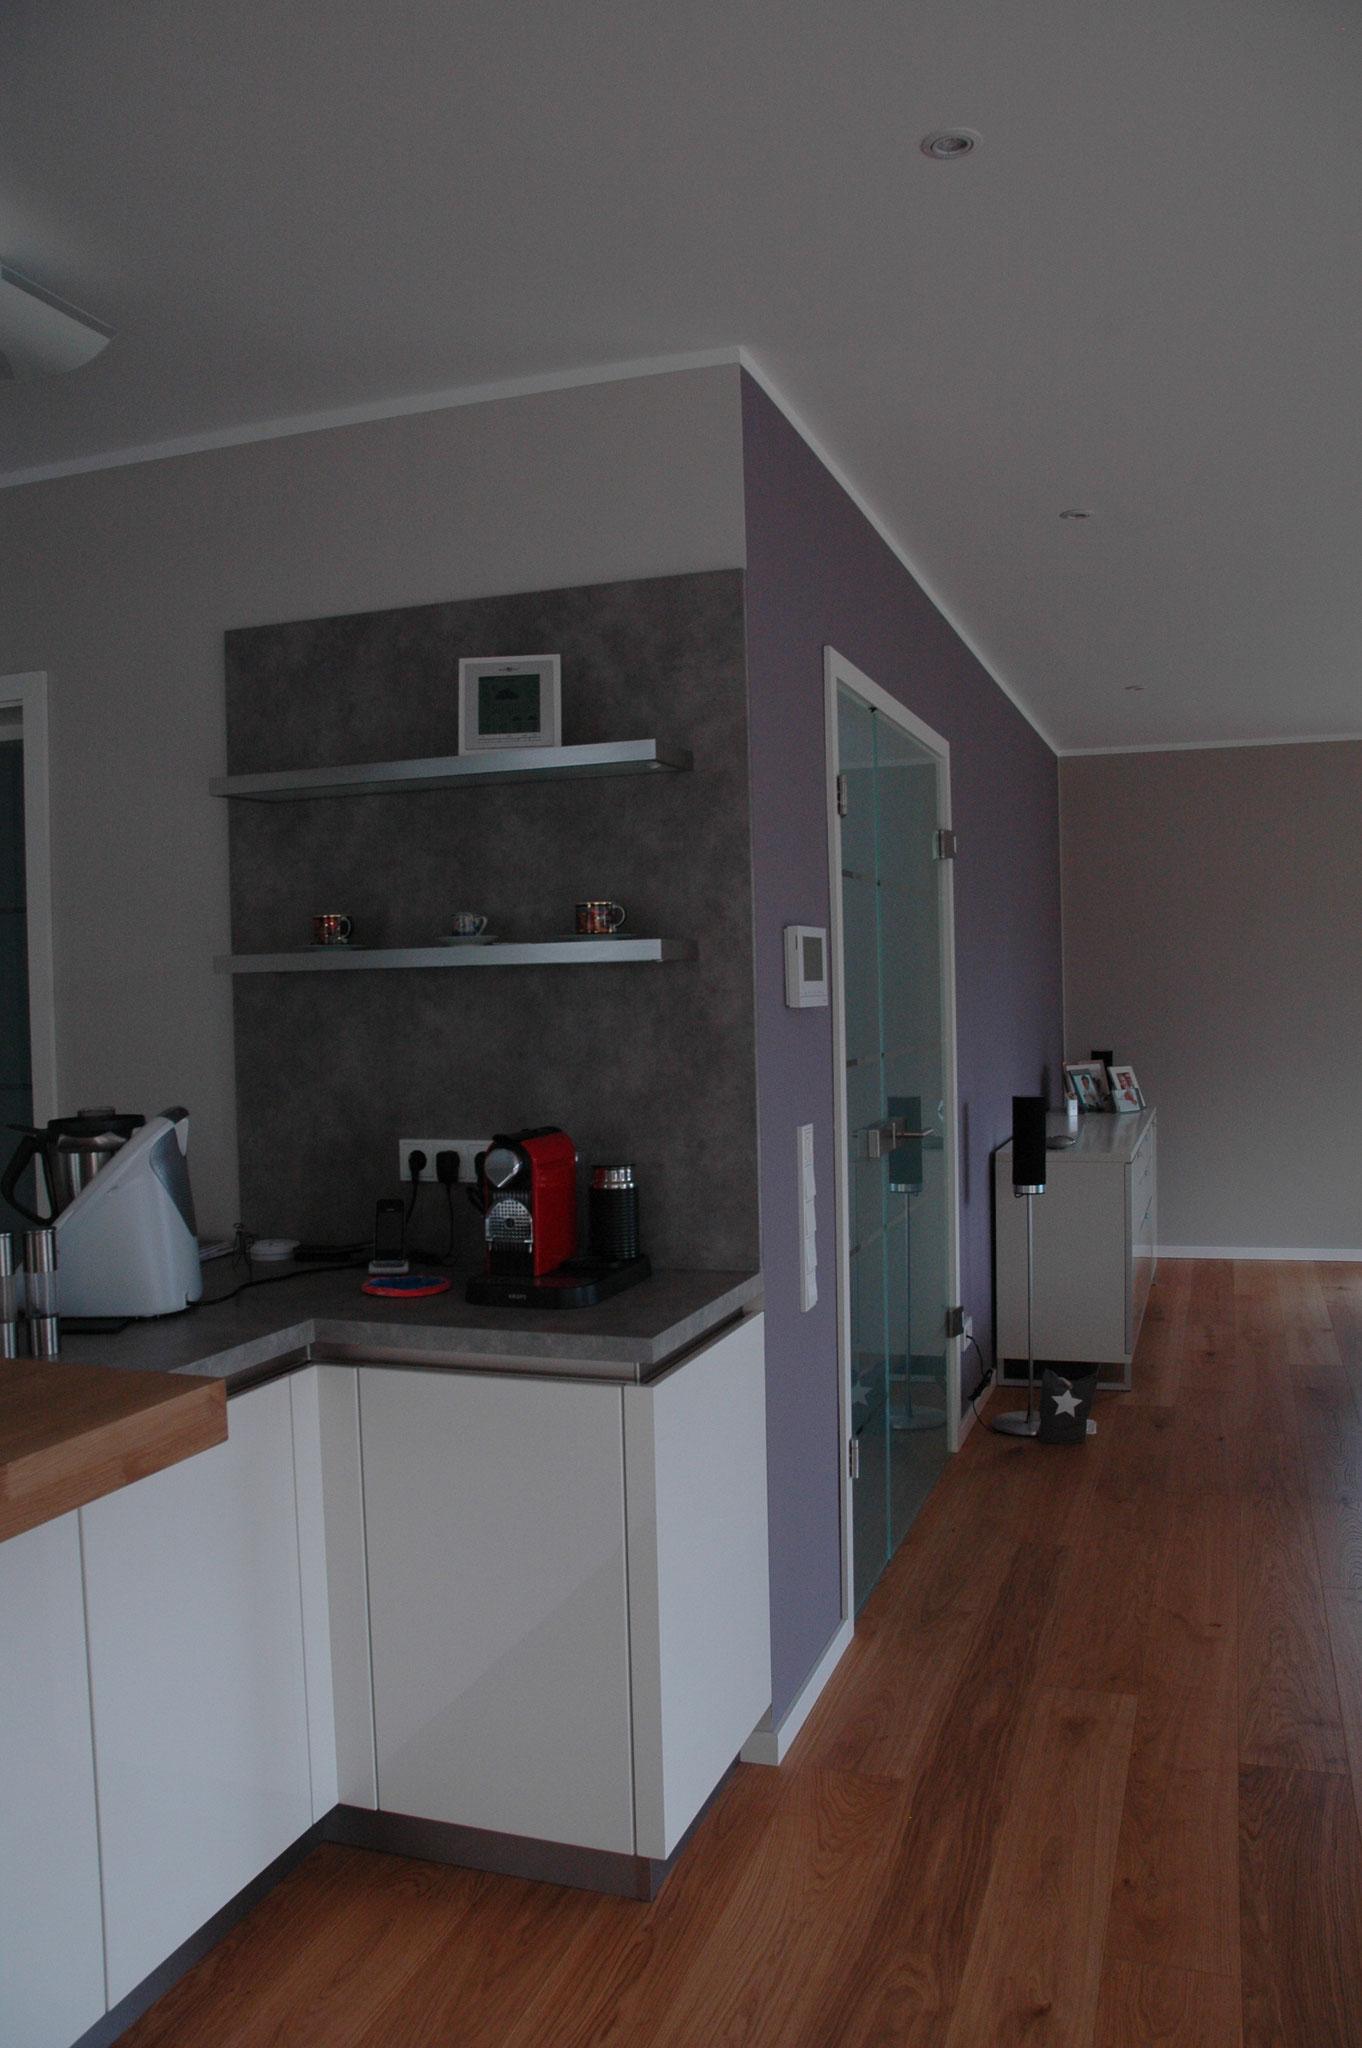 Küche + Wohnraum Wandgestaltung mit  Farbe Brassica  und Elephant`s Breath